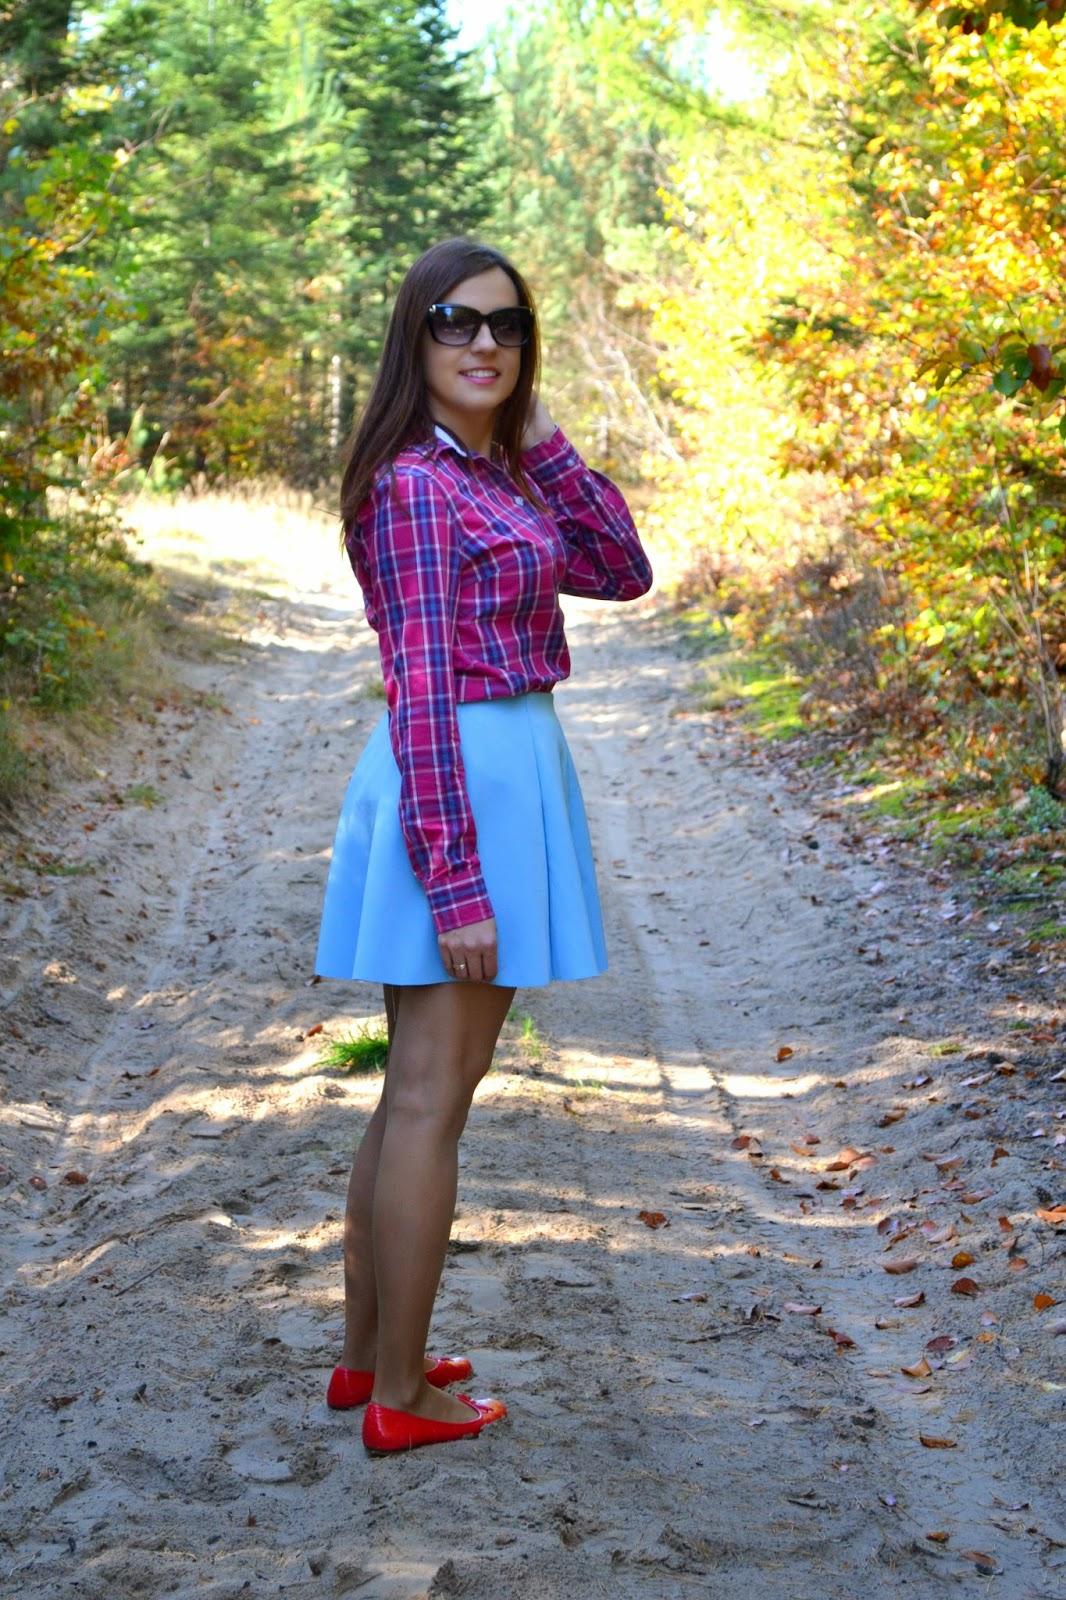 koszula w krate, różowa koszula w kratkę, niebieska rozkloszowana spódnica, co do koszuli w krate